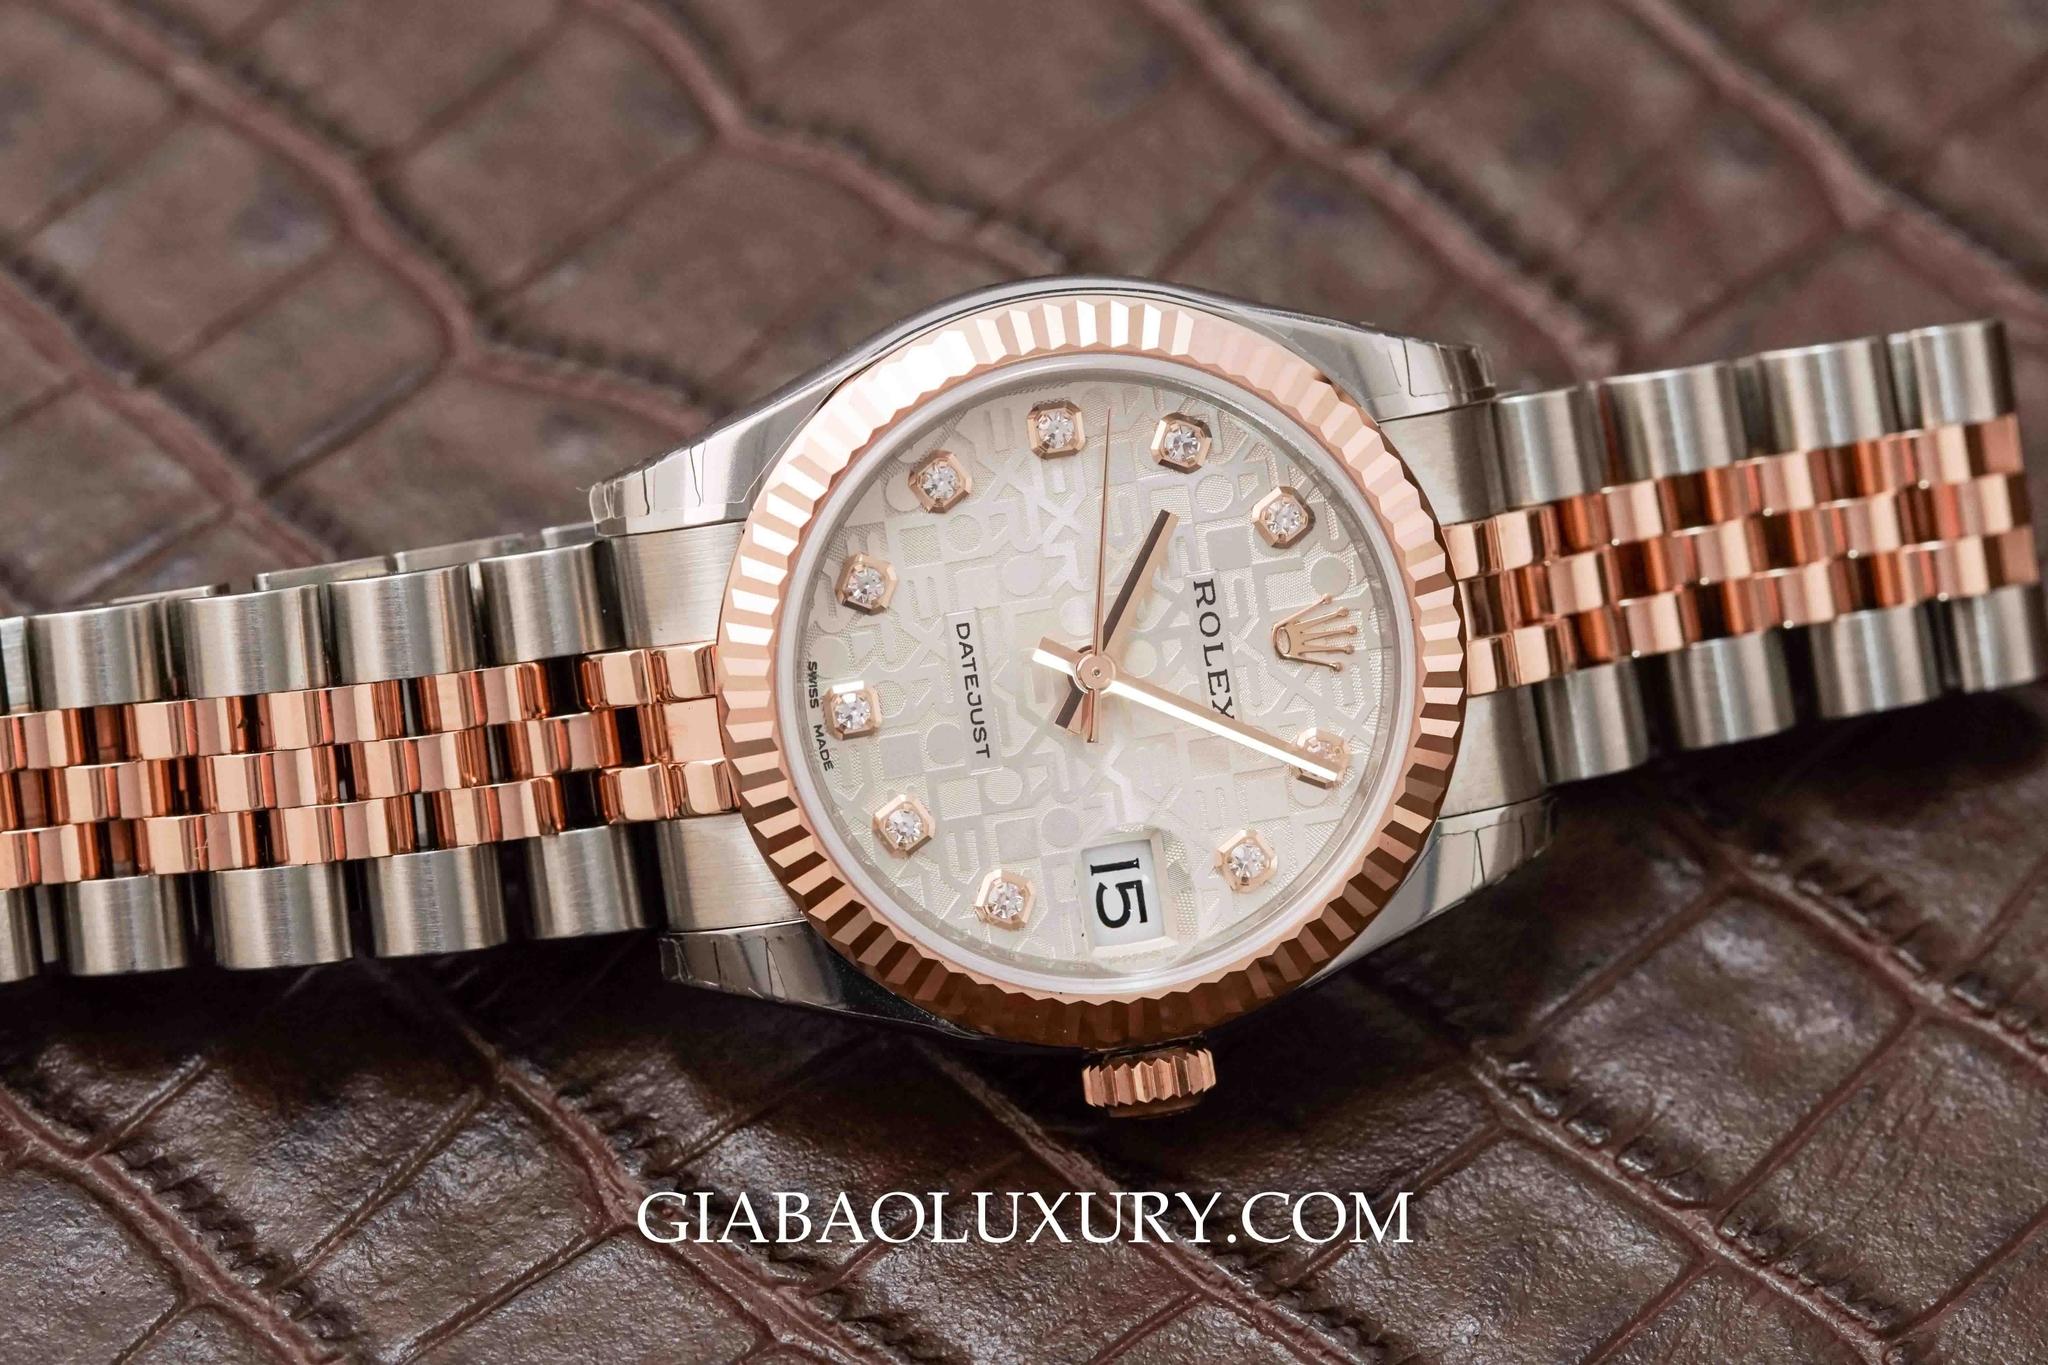 178271 - Rolex Lady Datejust với vành bezel khía và mặt số vi tính nạm kim cương